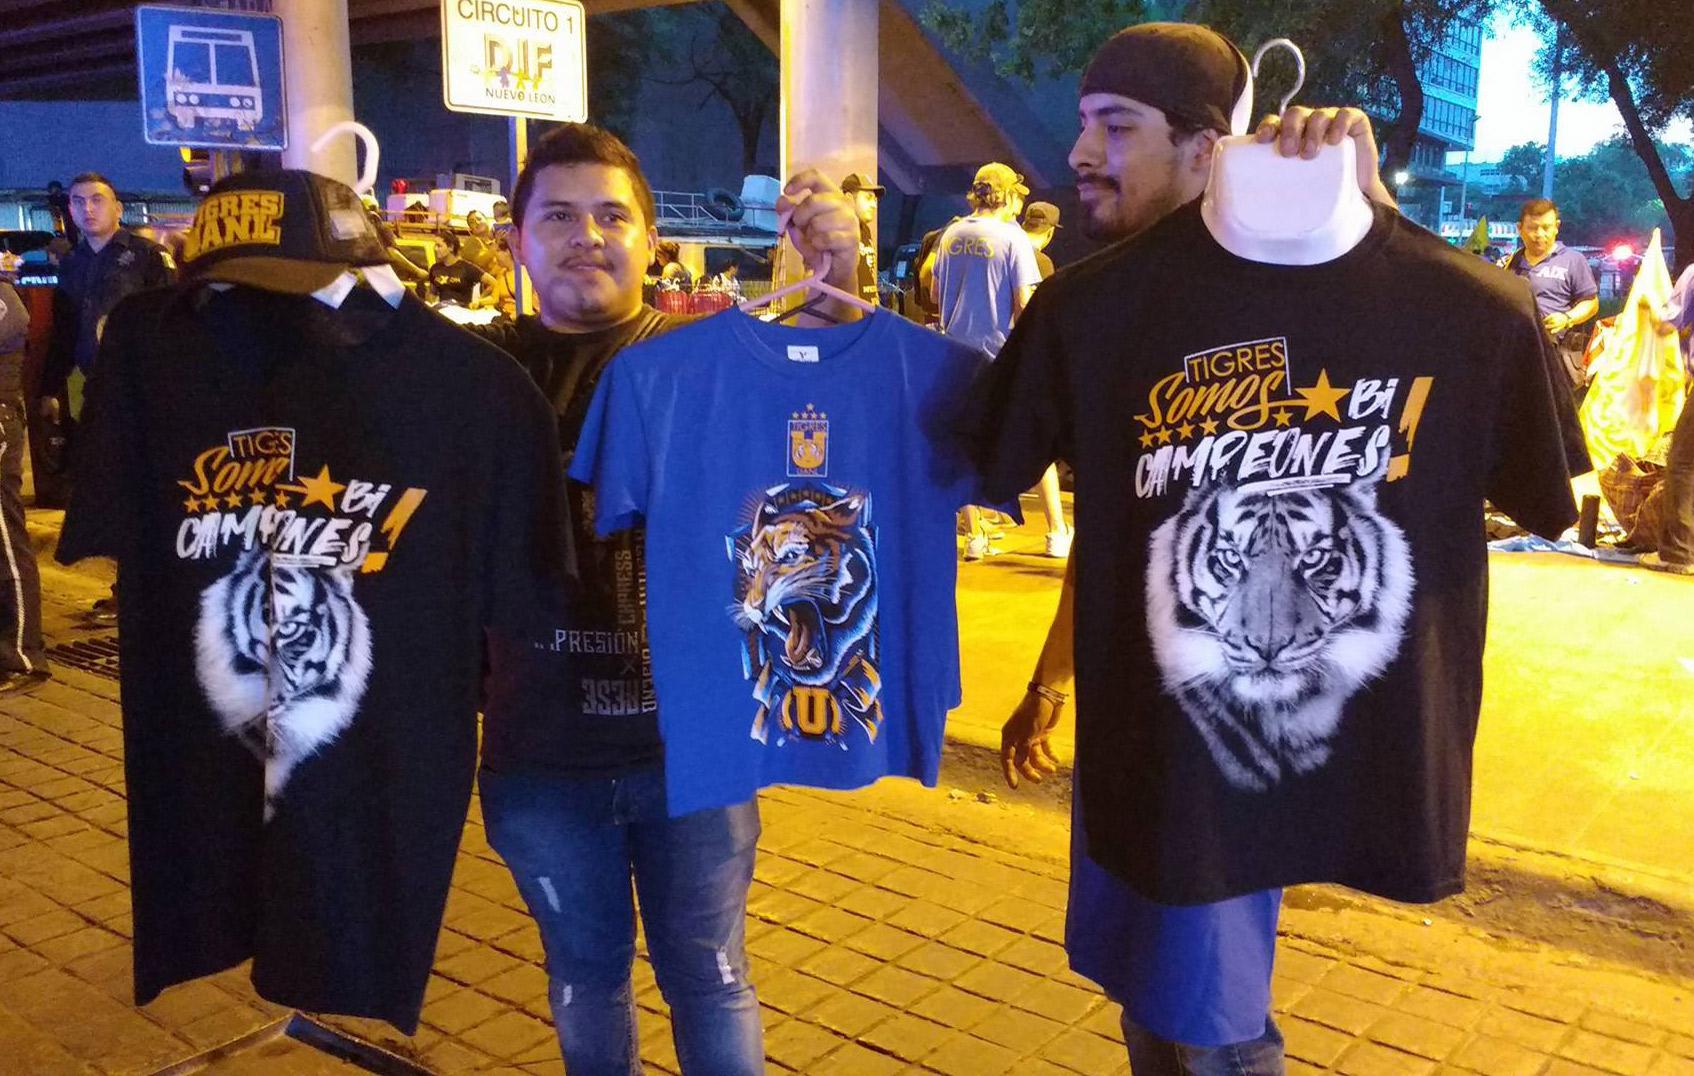 Andrea Jimenez Desnuda afecta a comerciantes ambulantes derrota de tigres